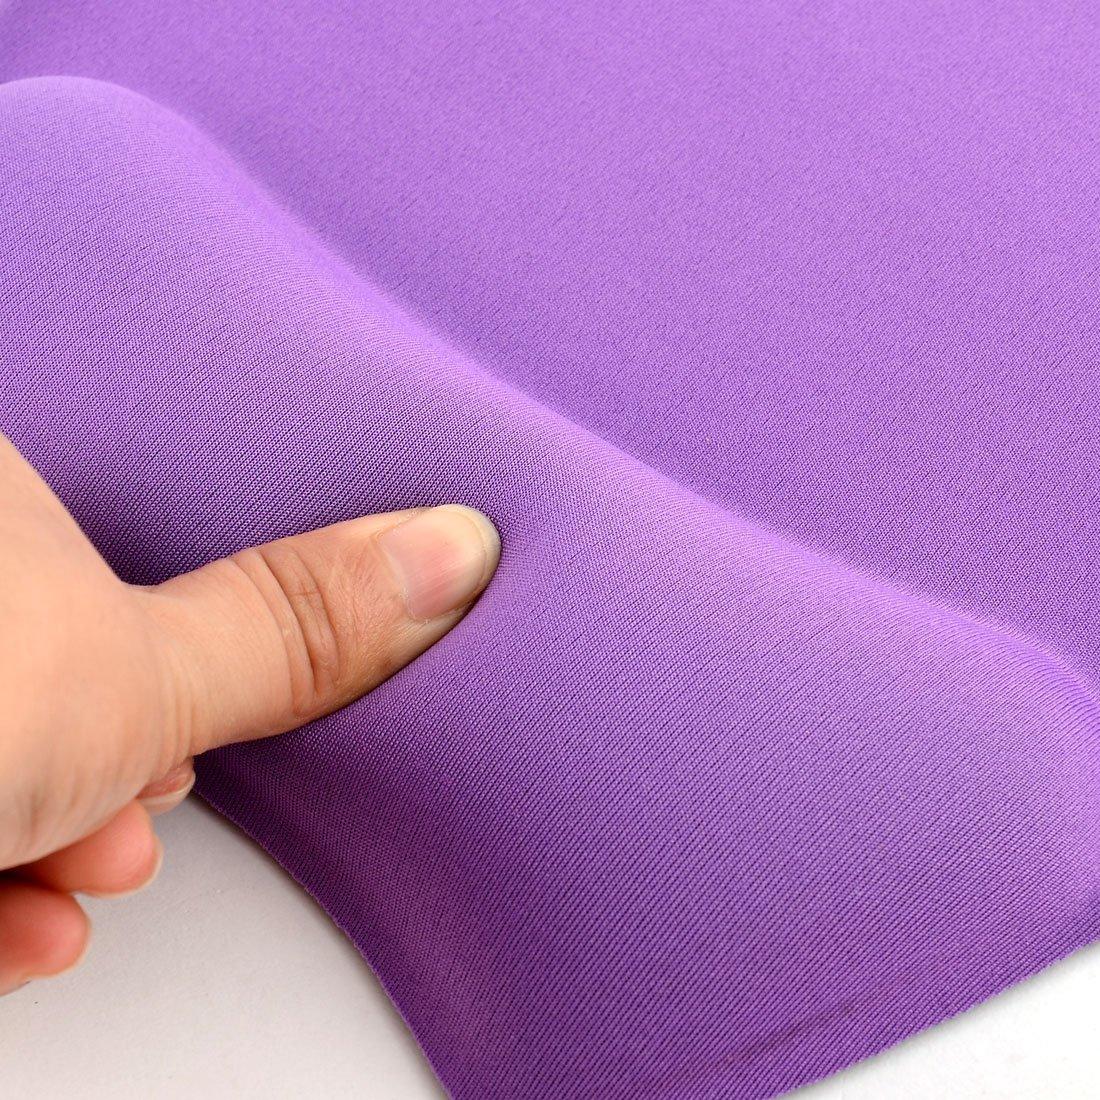 Amazon.com : eDealMax Gel ordenador PC portátil Comfort resto de muñeca del soporte de la rejilla del ratón del cojín de ratones púrpura : Office Products